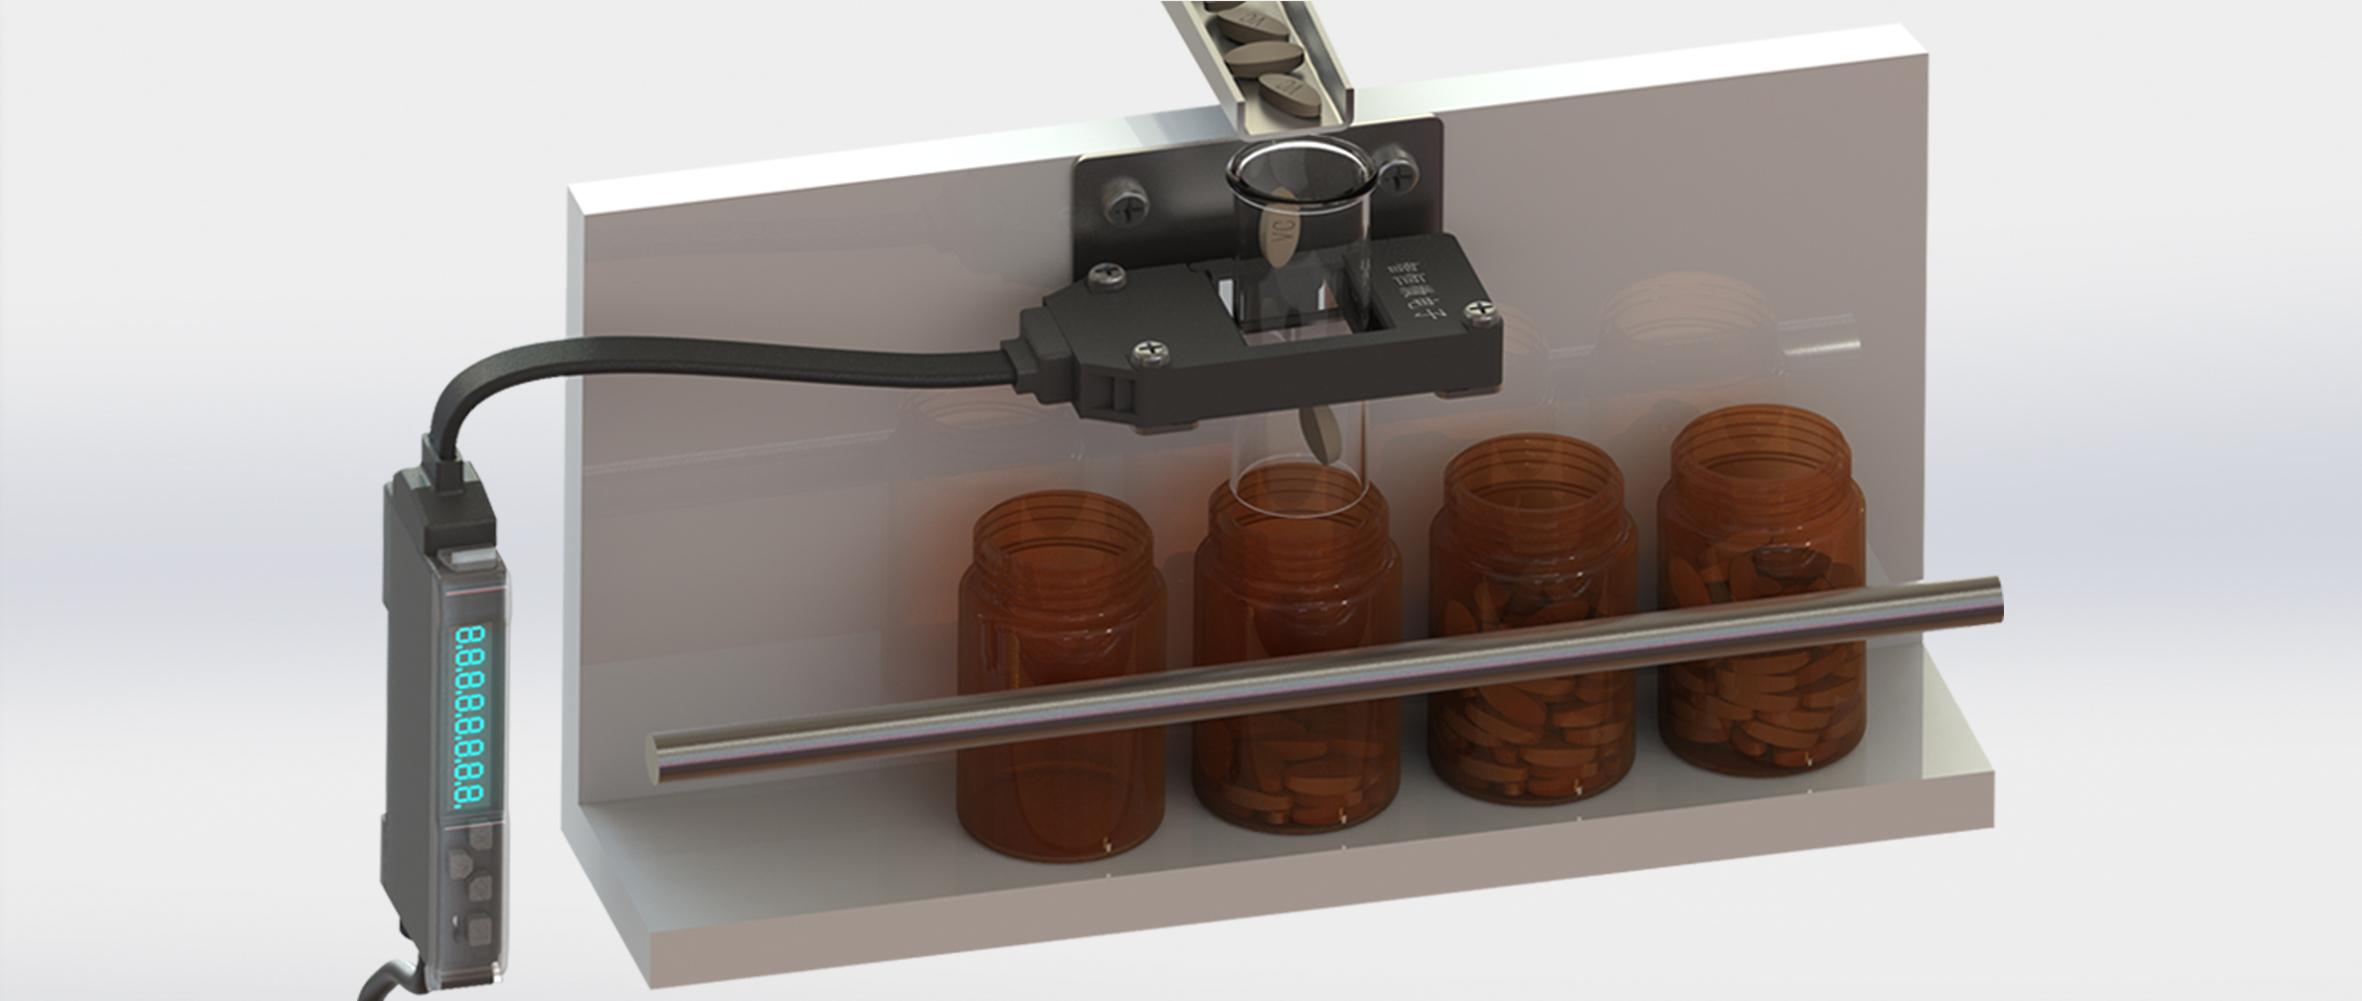 光电开关-光电传感器-计数传感器-光电液位开关